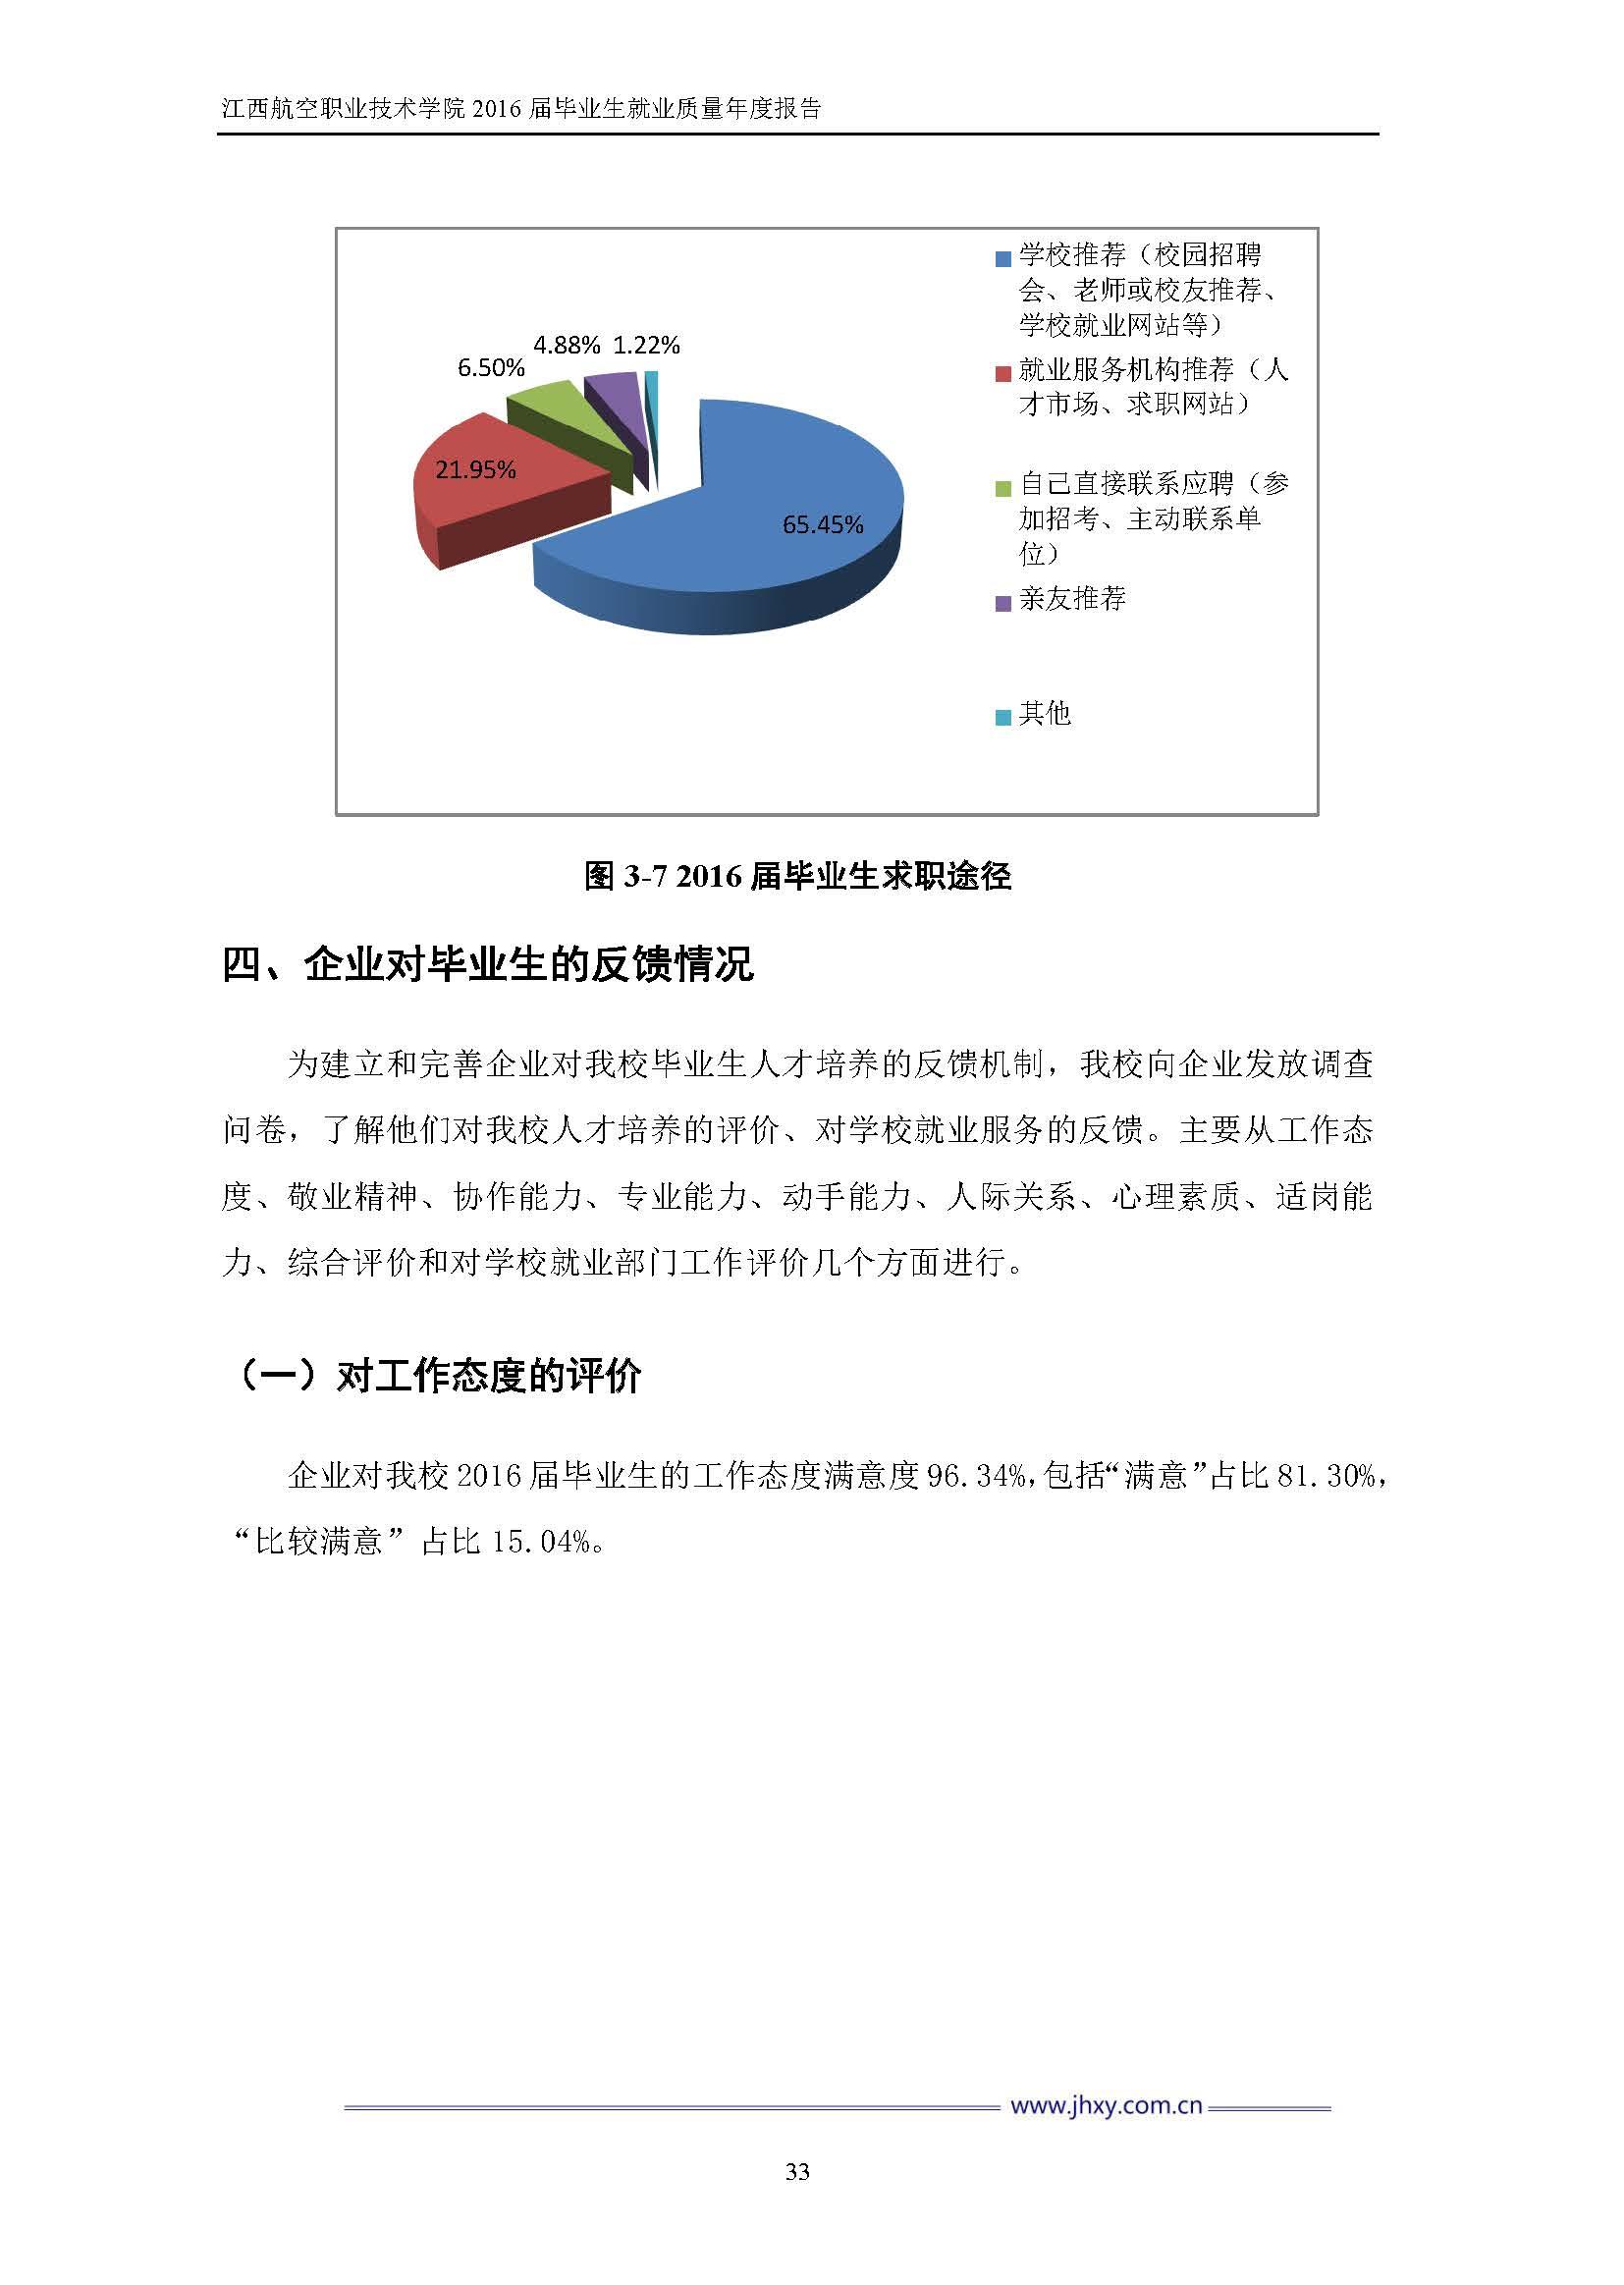 江西航空职业技术学院2016届毕业生就业质量年度报告_Page_40.jpg